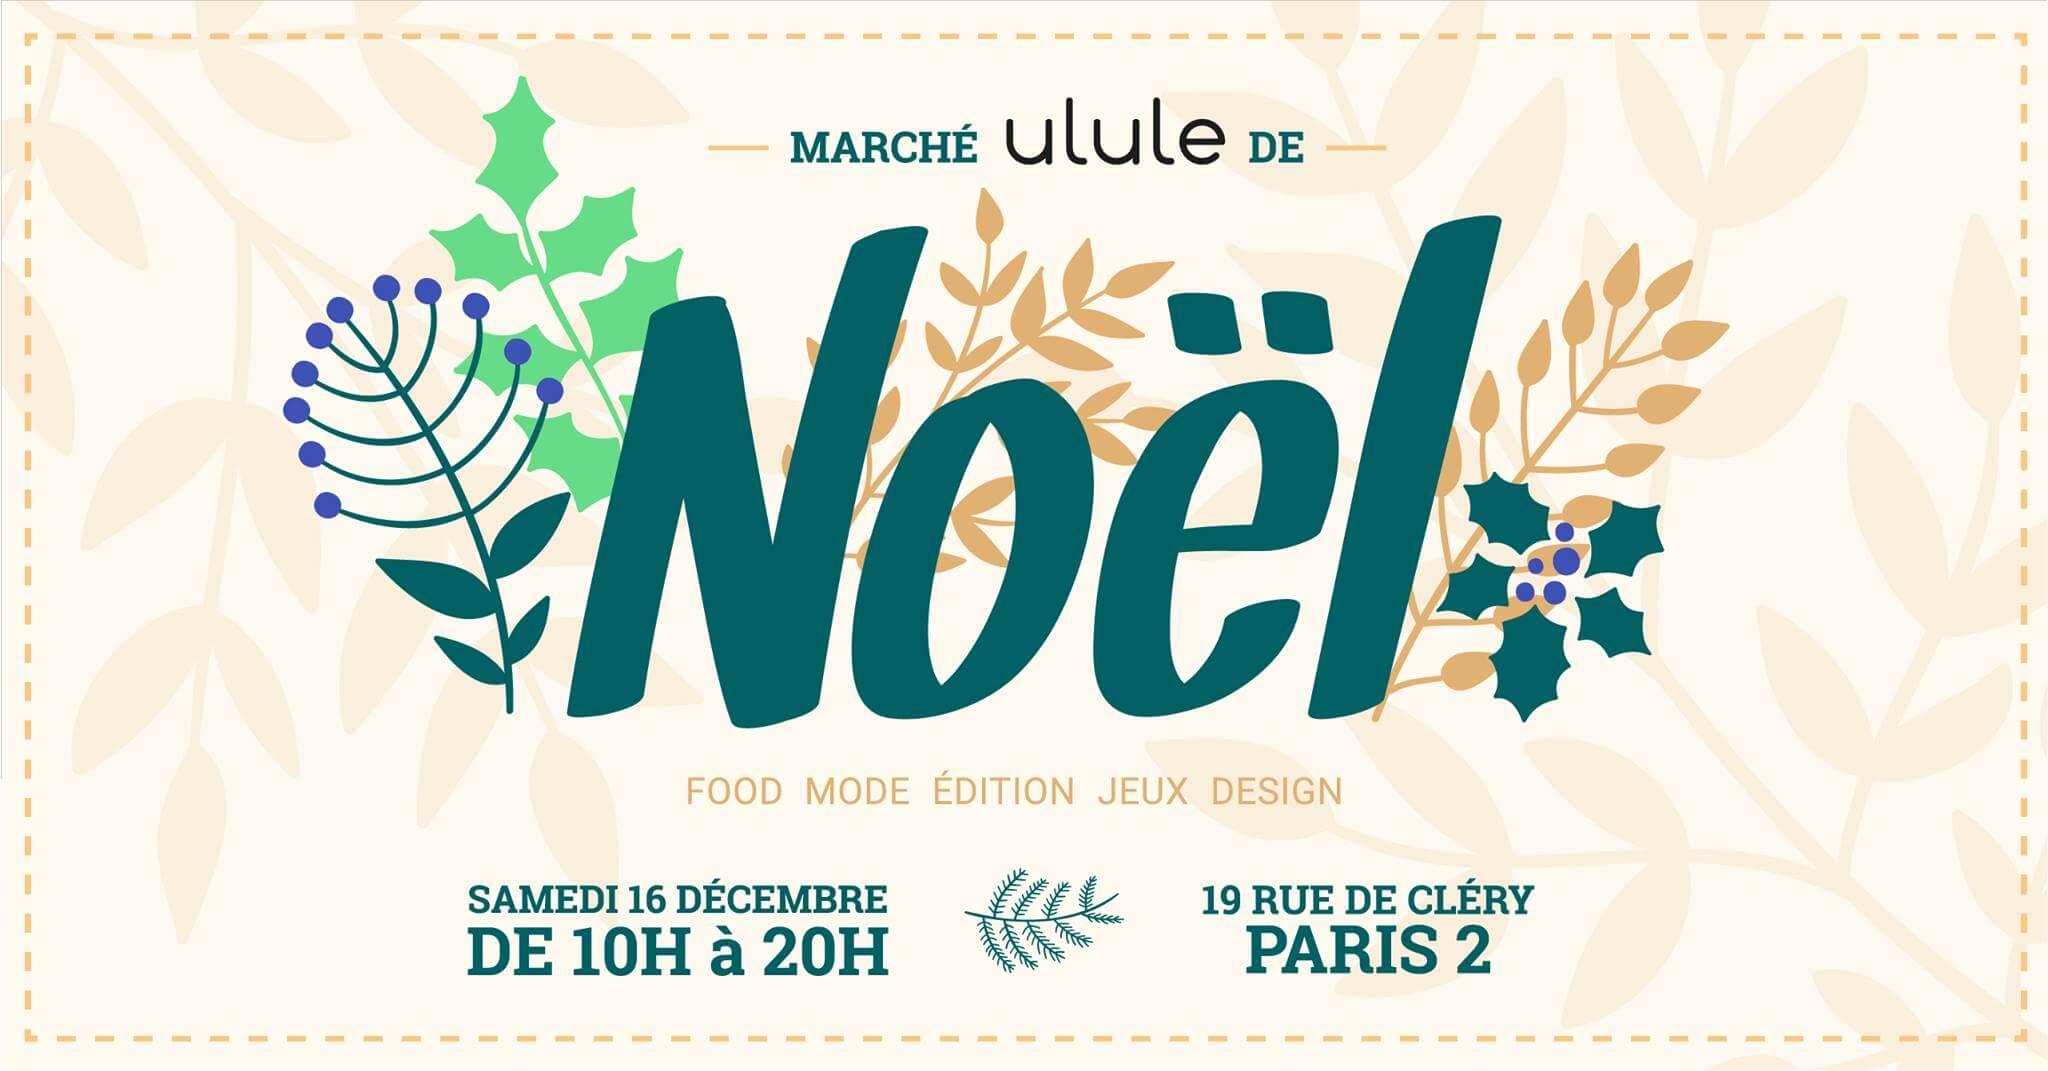 marché de Noël Ulule My dear Claude